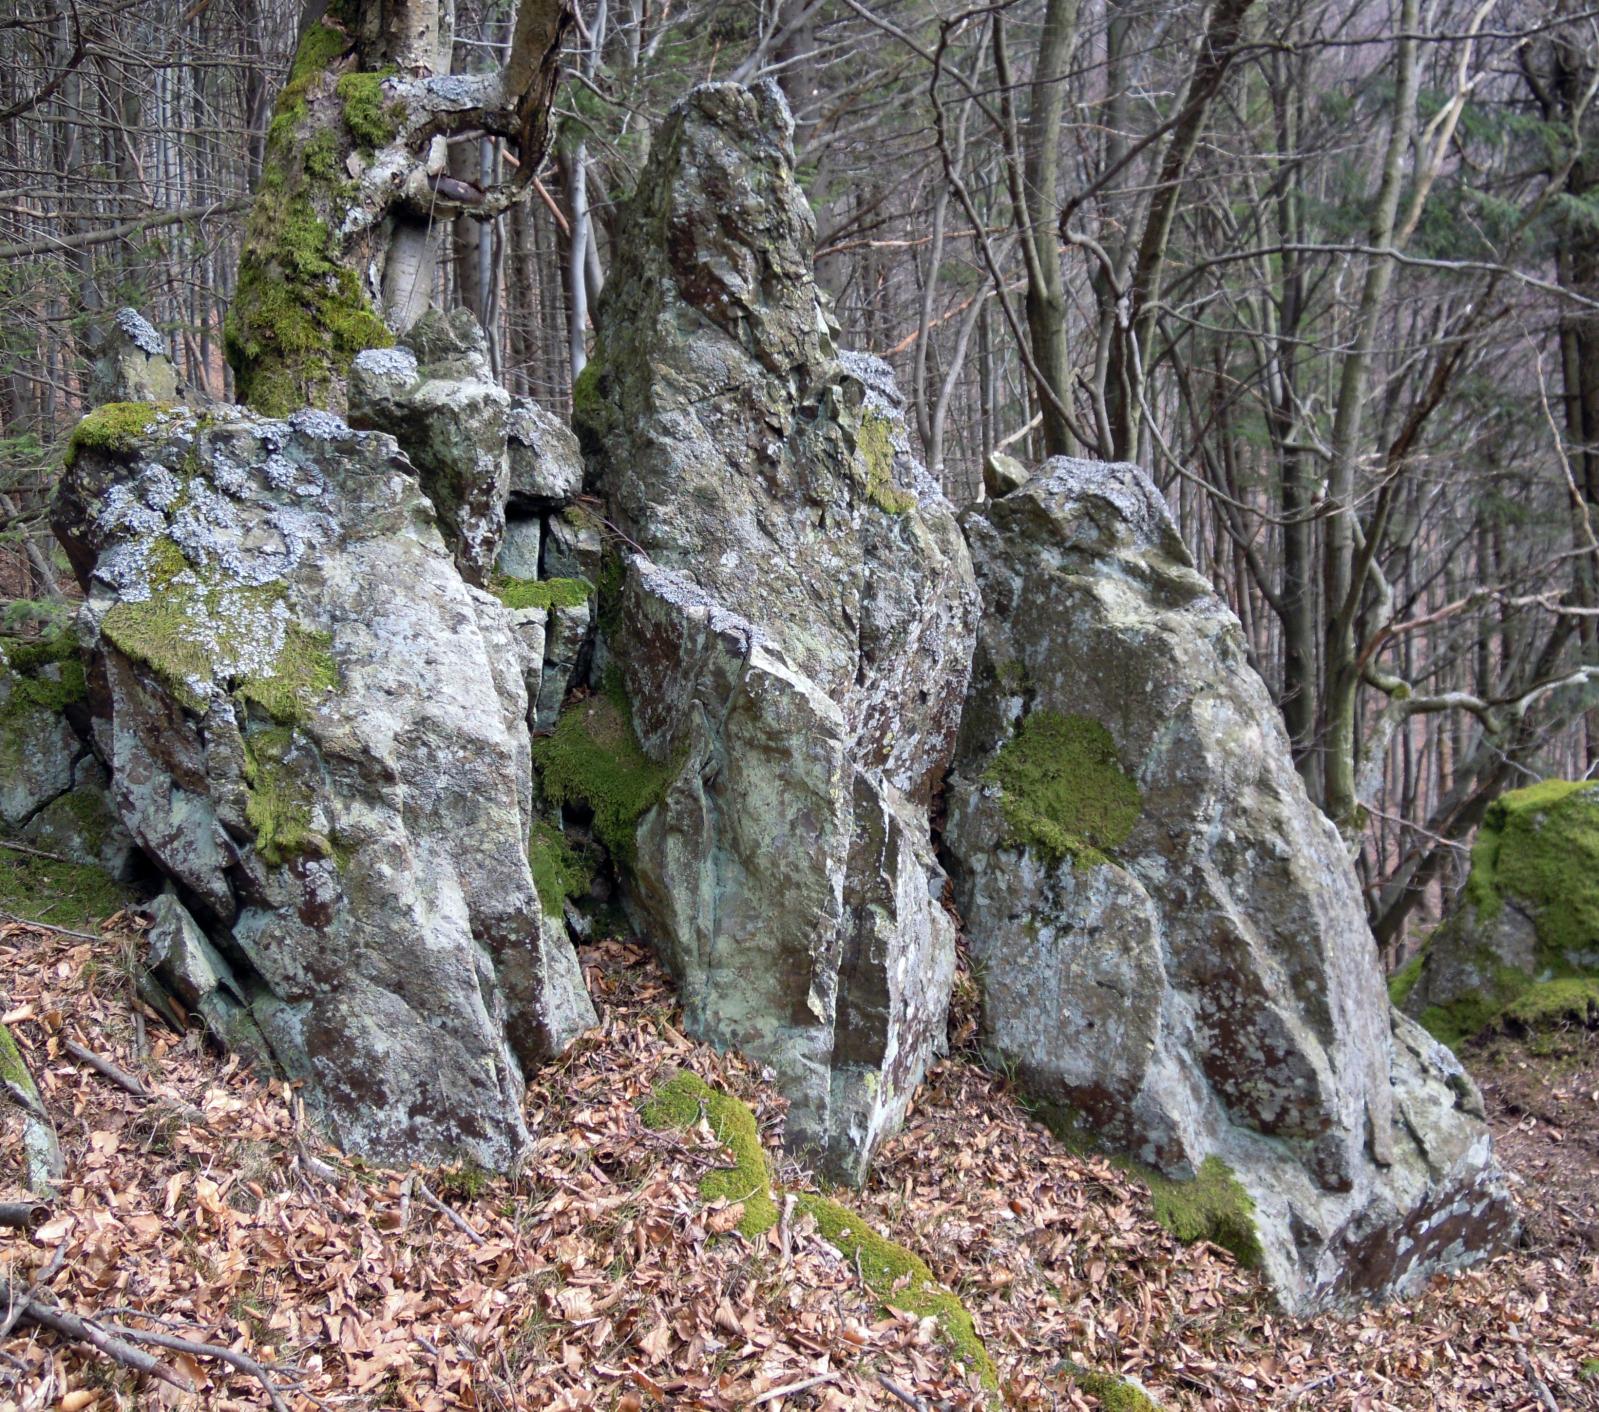 Slnečný kult Slovenov a Staroegypťanov: Sokol - posol Slnka 2cfzh4p